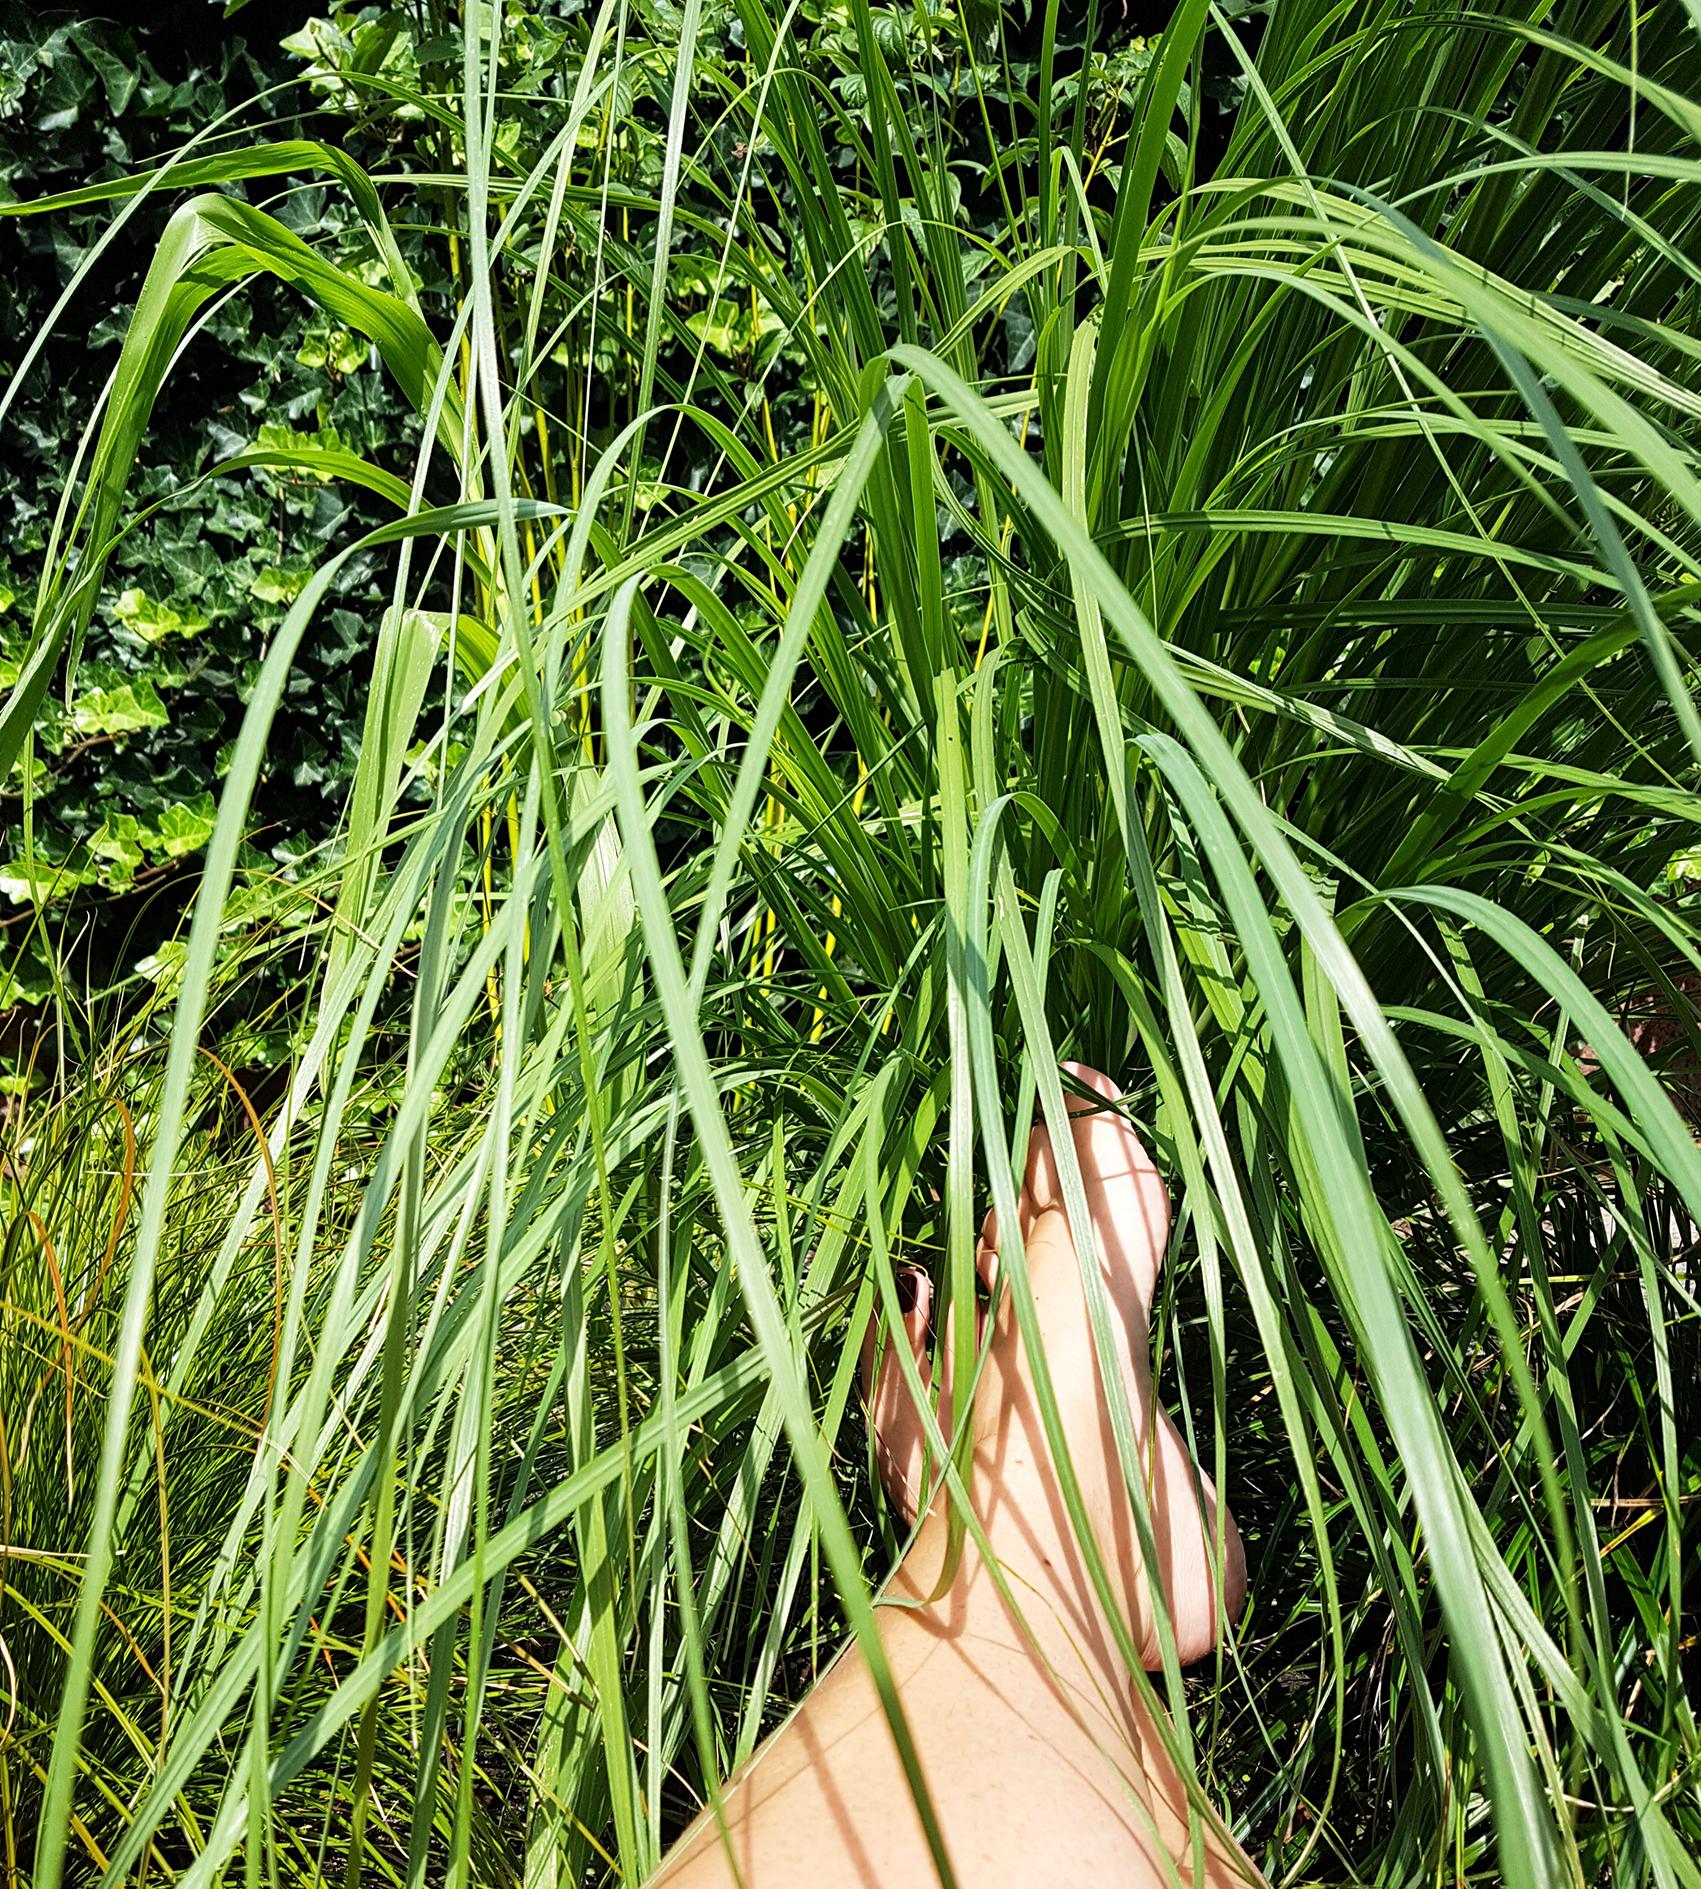 Grootse fantasiën over doodgaan. Blote voeten in het hoge gras, met gelakte teennagels. Ultiem doodgaan op een kleedje in het gras. In de zon, met een glas wijn.